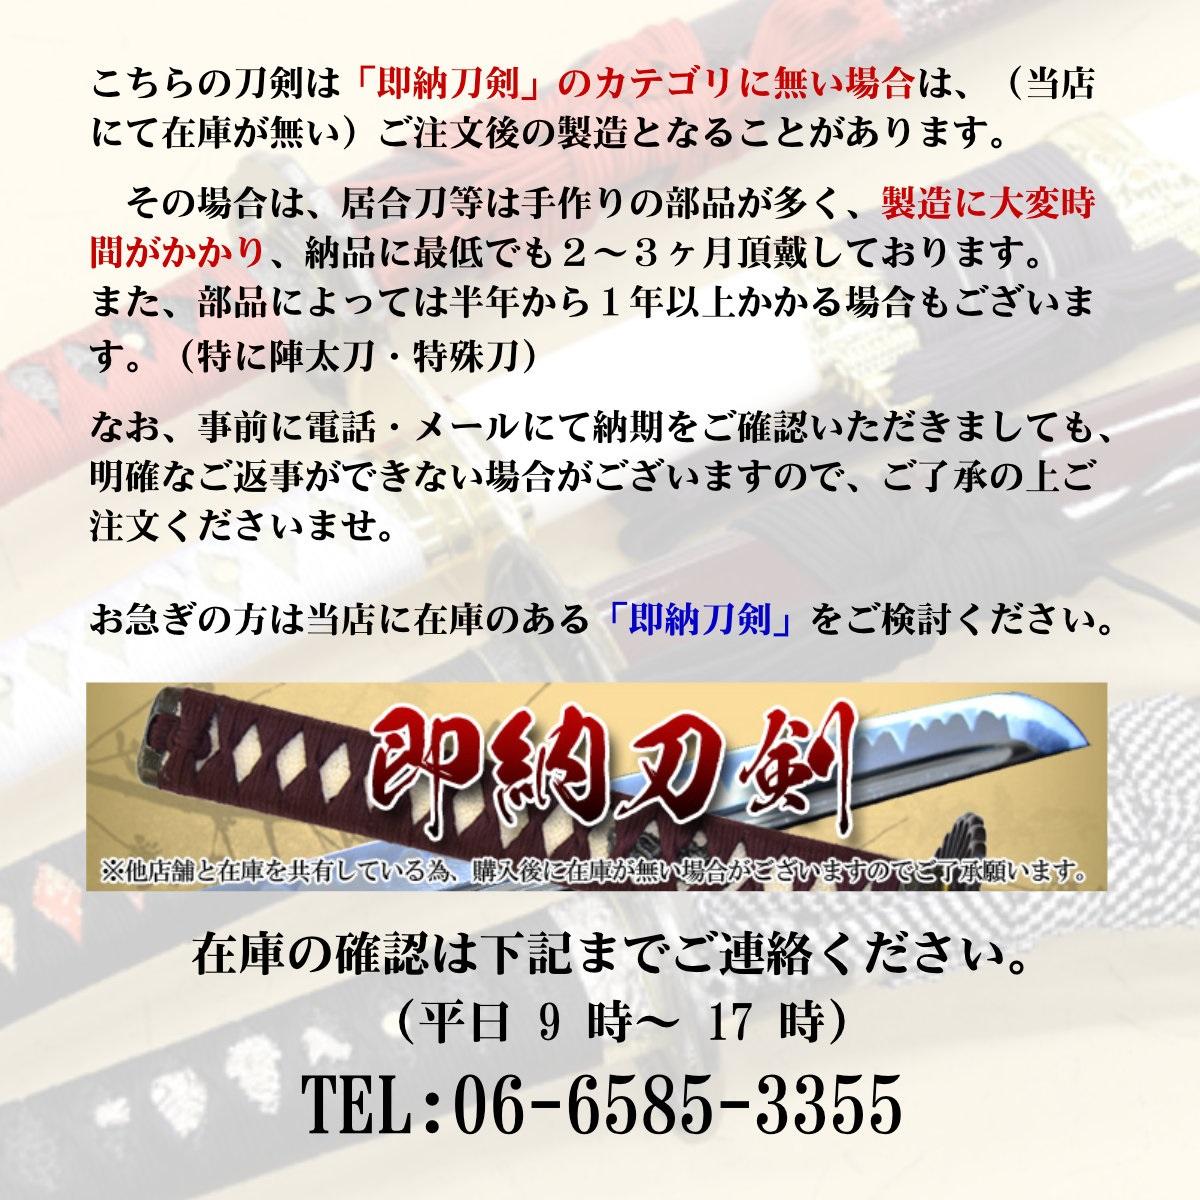 高級居合刀 名刀伝 九州日向住国広作 「山姥切国広」 (刀袋付き)